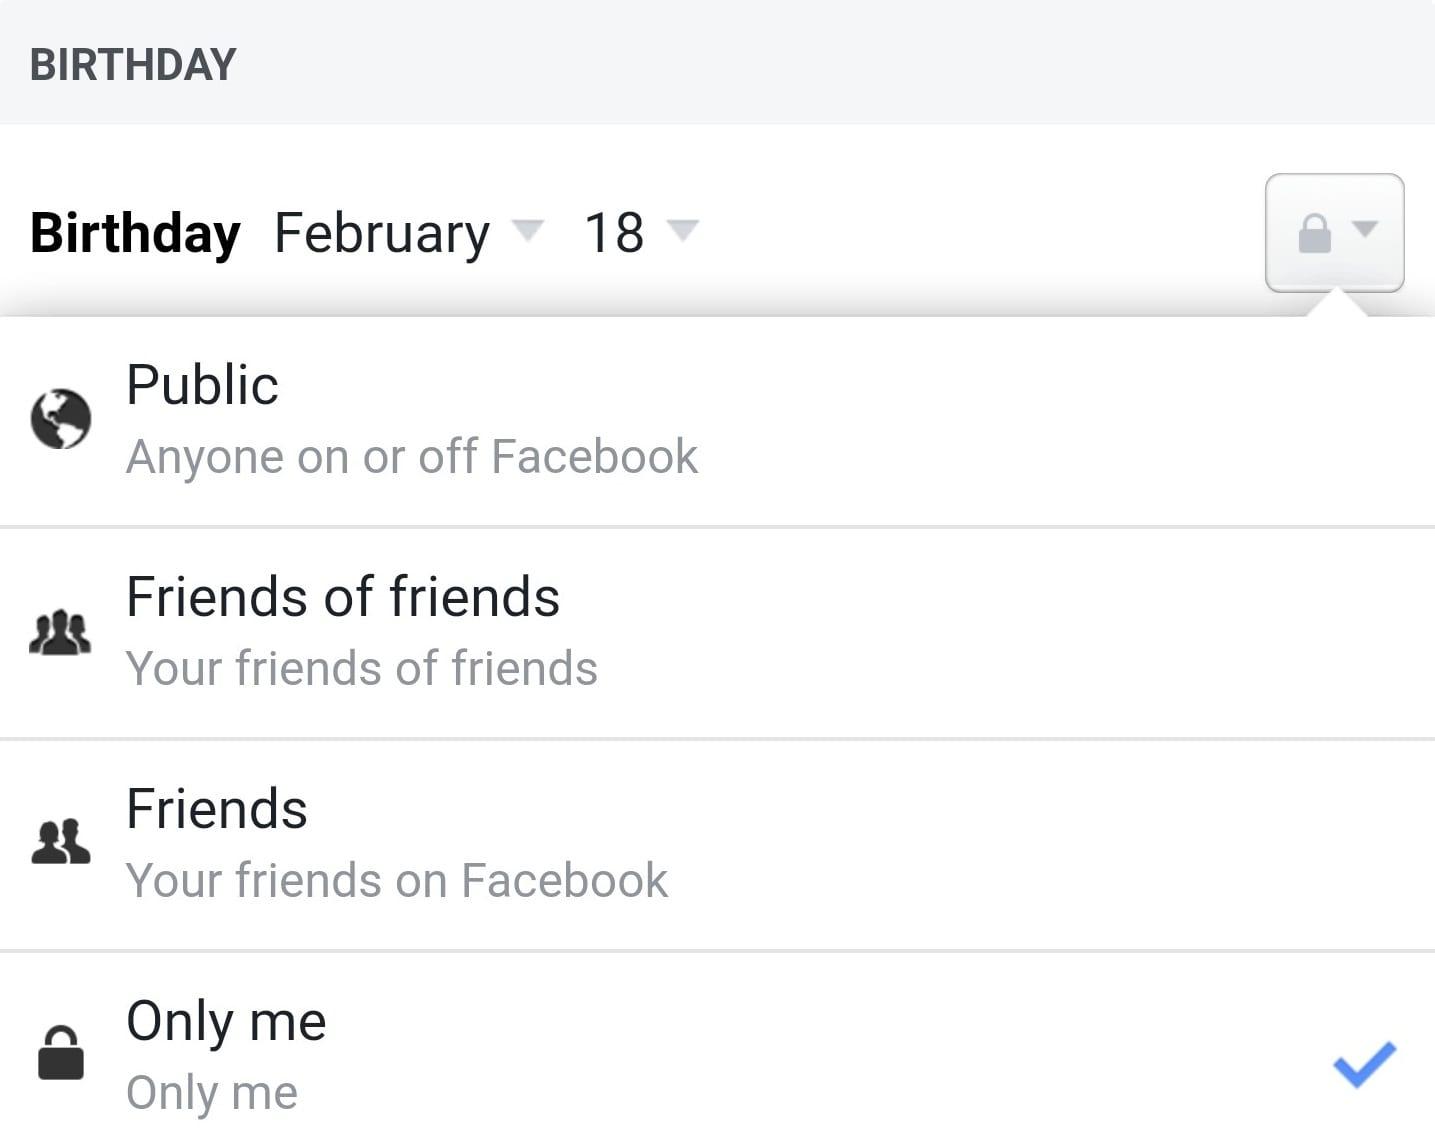 Facebook muestra cumpleaños solo para mí